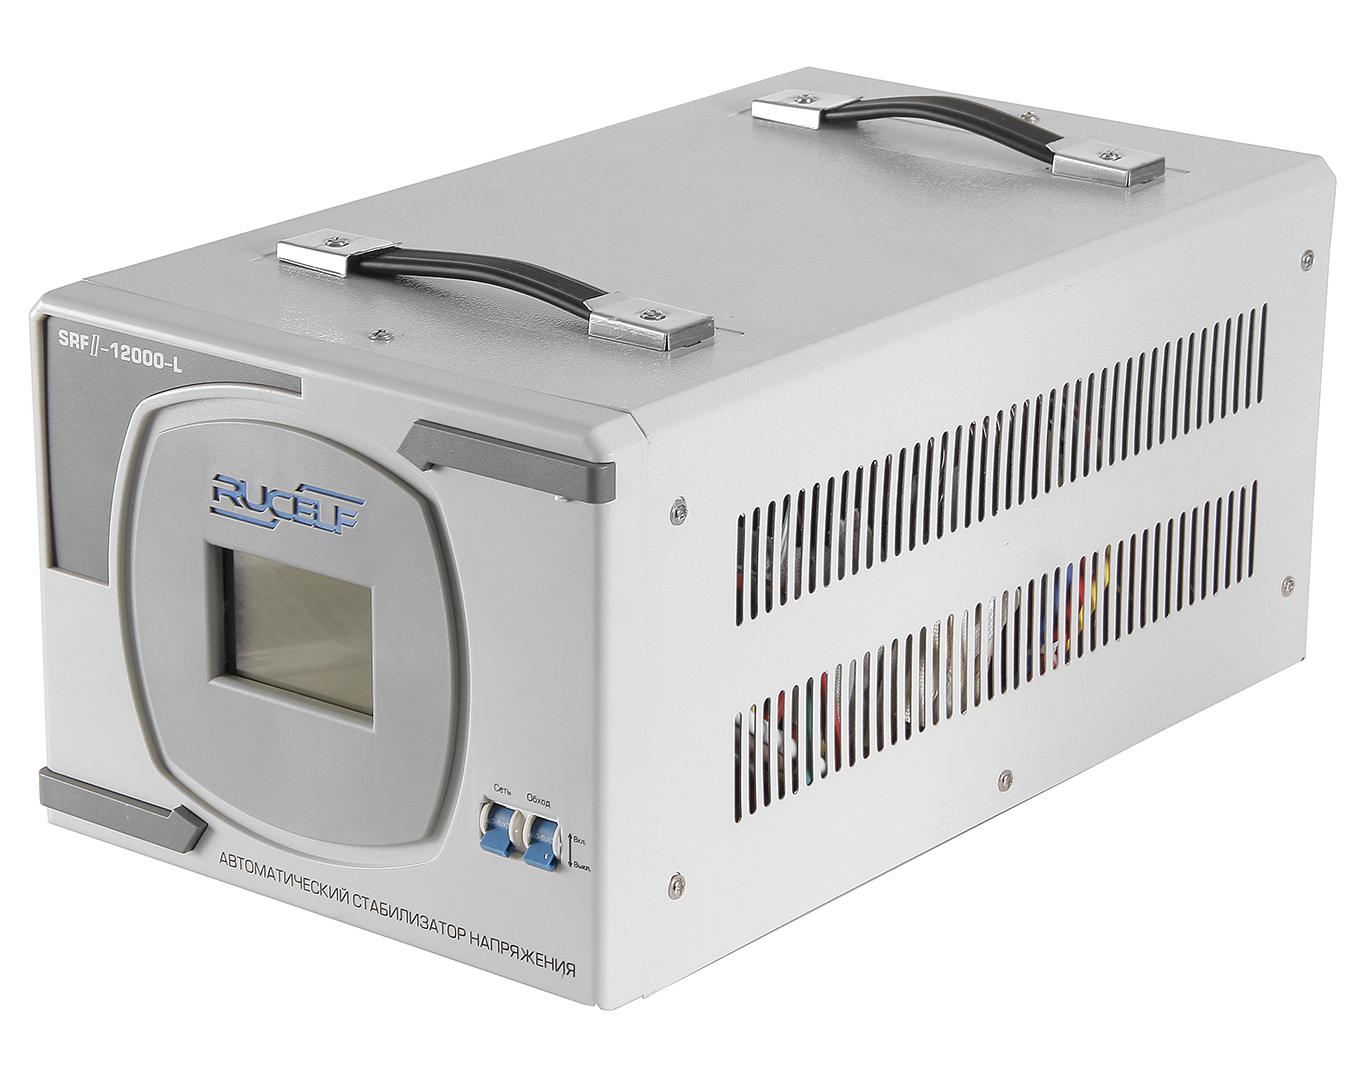 Стабилизатор напряжения Rucelf Srf.ii-12000-l стабилизатор rucelf srwii 9000 l